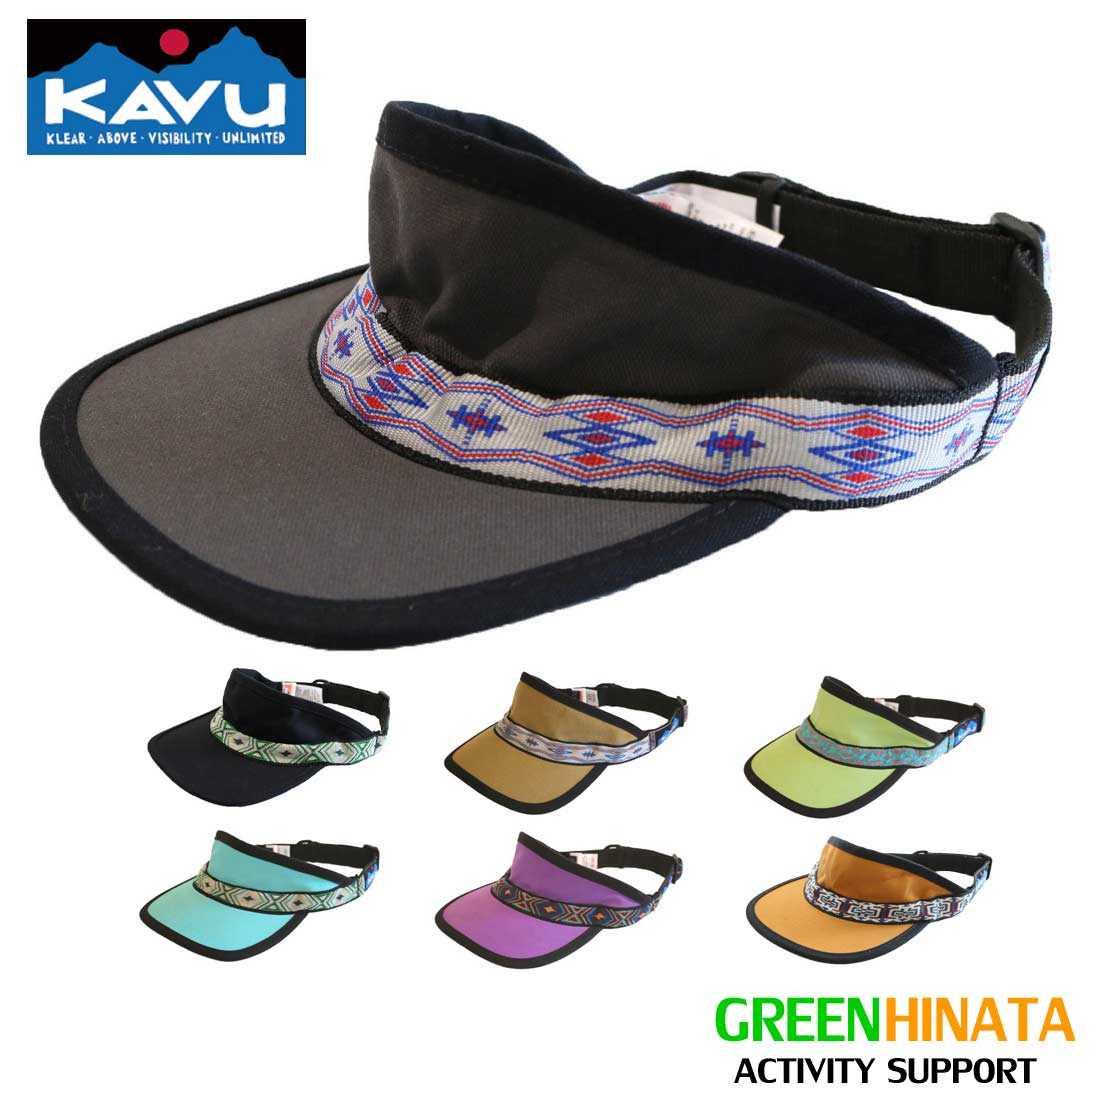 【国内正規品】 カブー ストラップバイザー 帽子 KAVU Strapvisor コットン バイザー